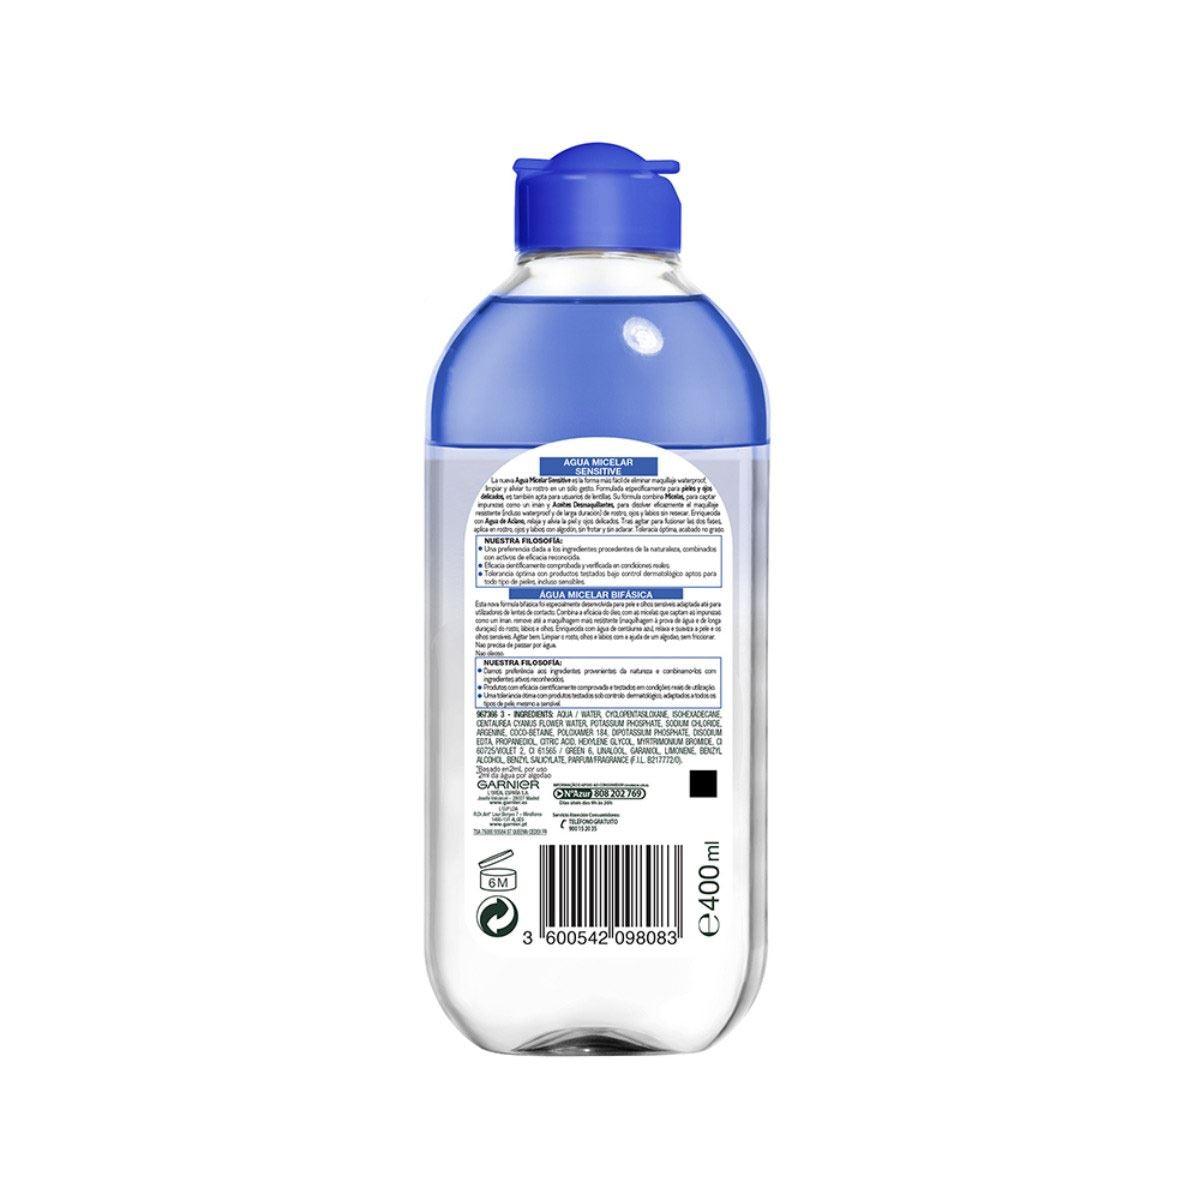 Agua Micelar Desmaquillante Piel Sensible Garnier 400 ml